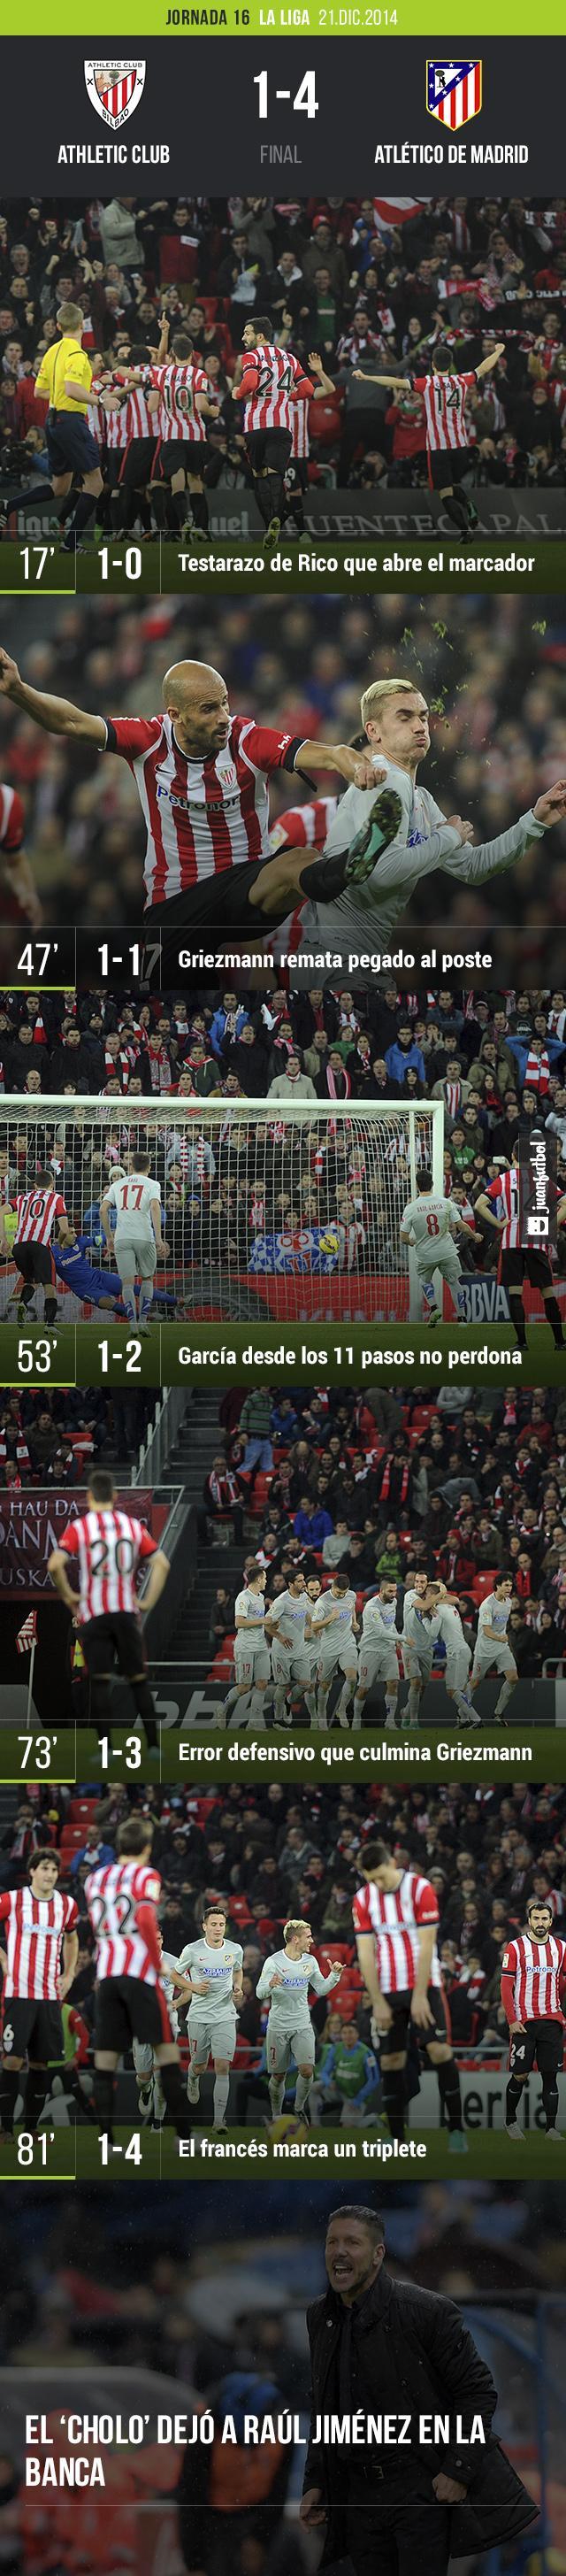 El Athletic de Bilbao pierde 1-4 frente al Atlético de Madrid en San Mamés. La noche se la llevó el francés, Antonie Griezmann con un triplete.